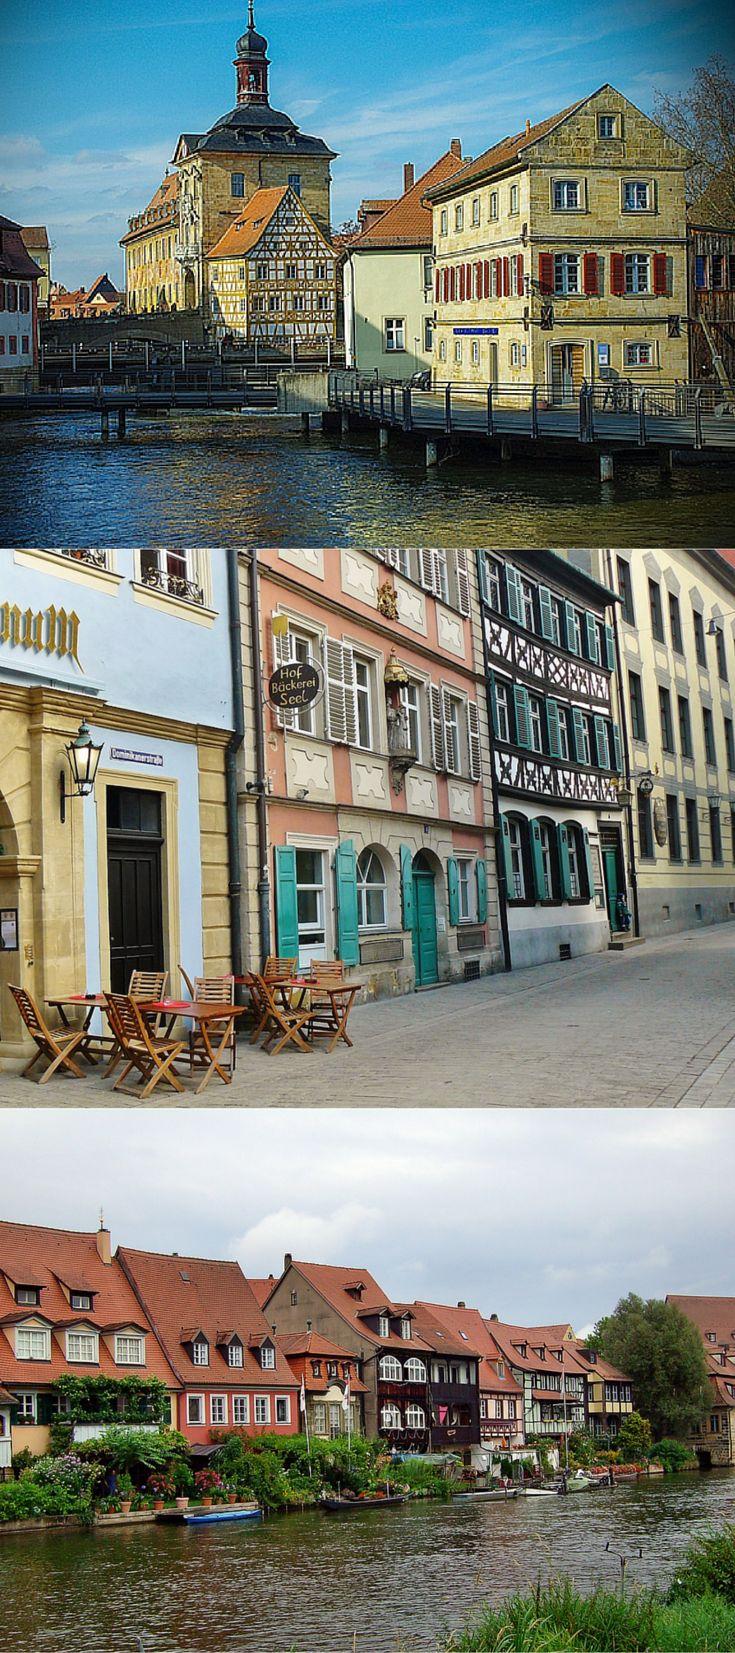 Das fränkische Rom - Bamberg #bamberg #byaern #urlaub #campen #camping #wohnmobil #wohnmobiltrip